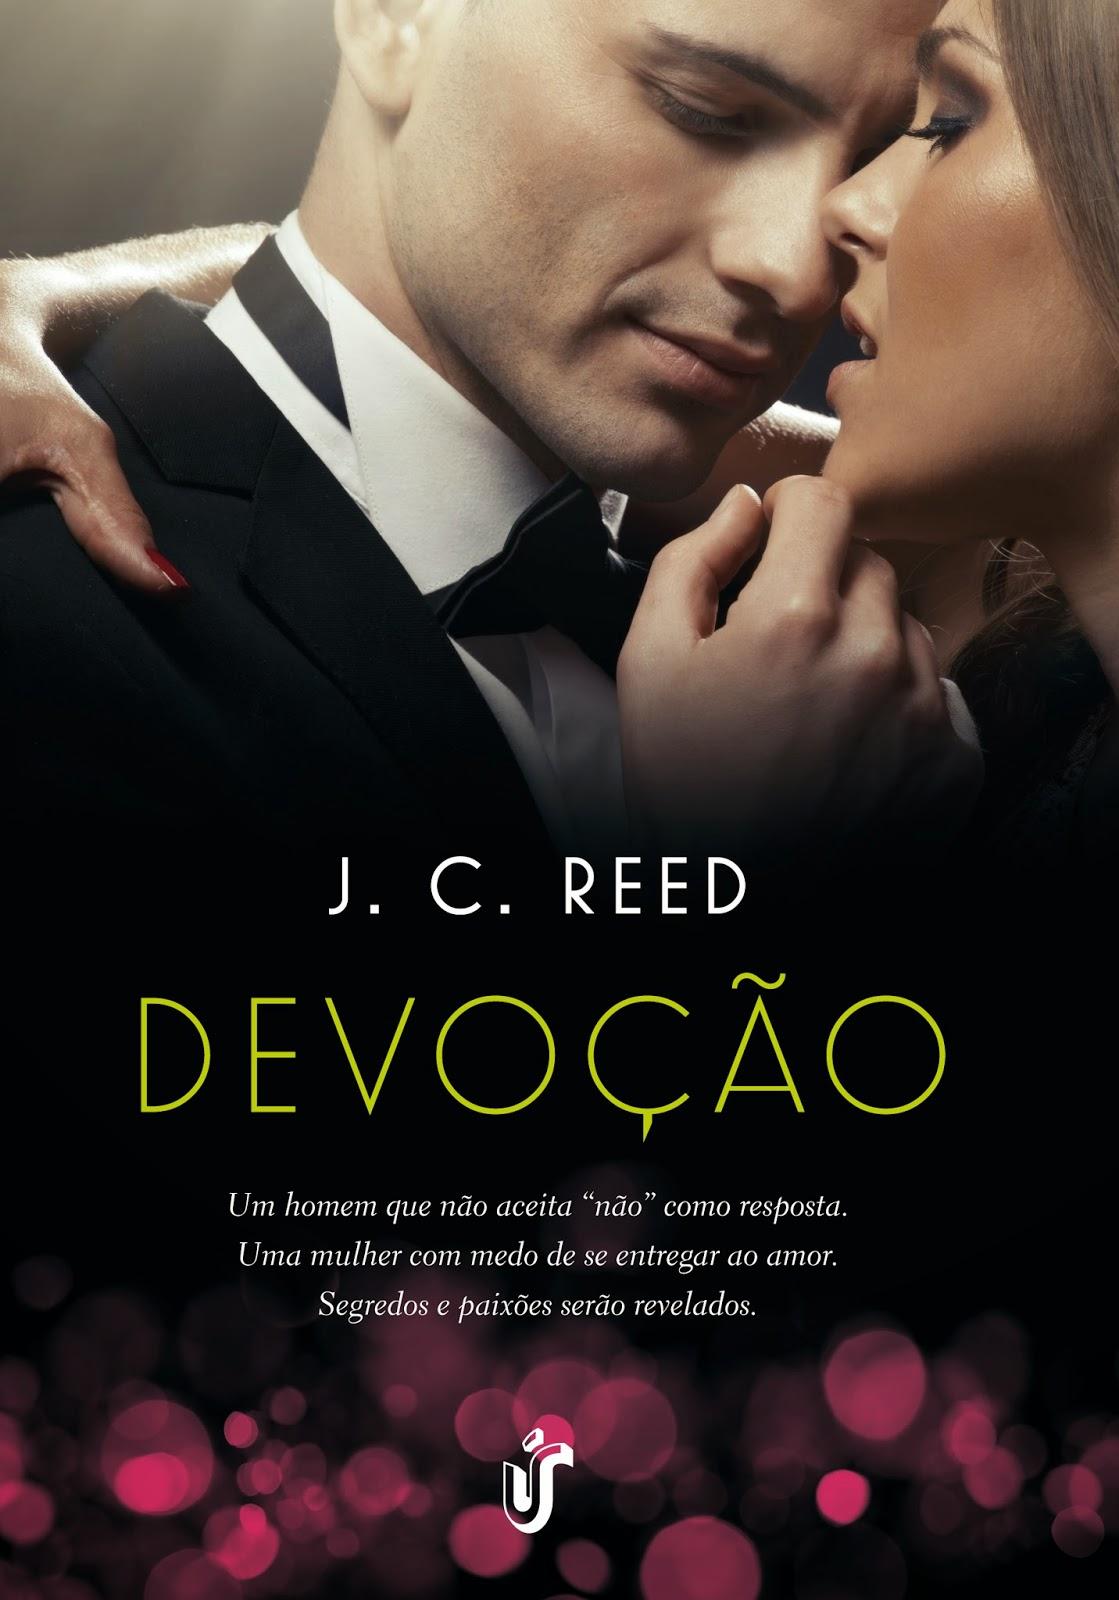 http://www.editoragente.com.br/livro/278/o-teste